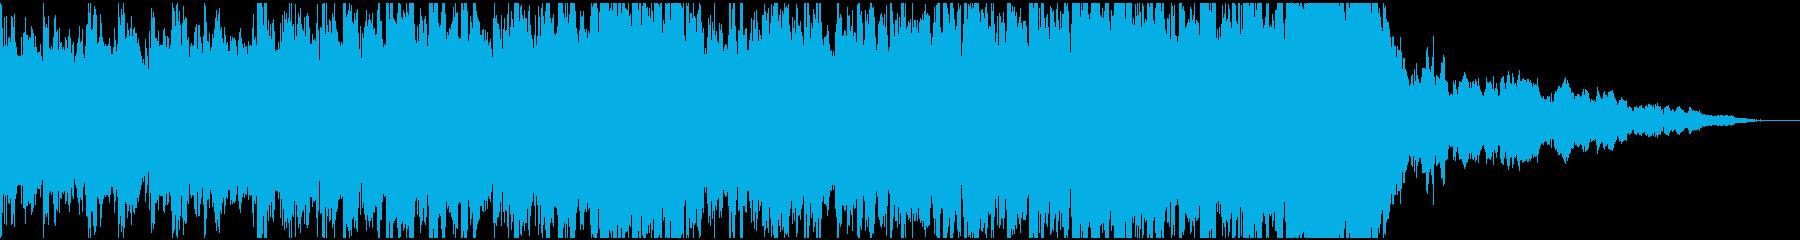 現代的 交響曲 エレクトロ ドラマ...の再生済みの波形